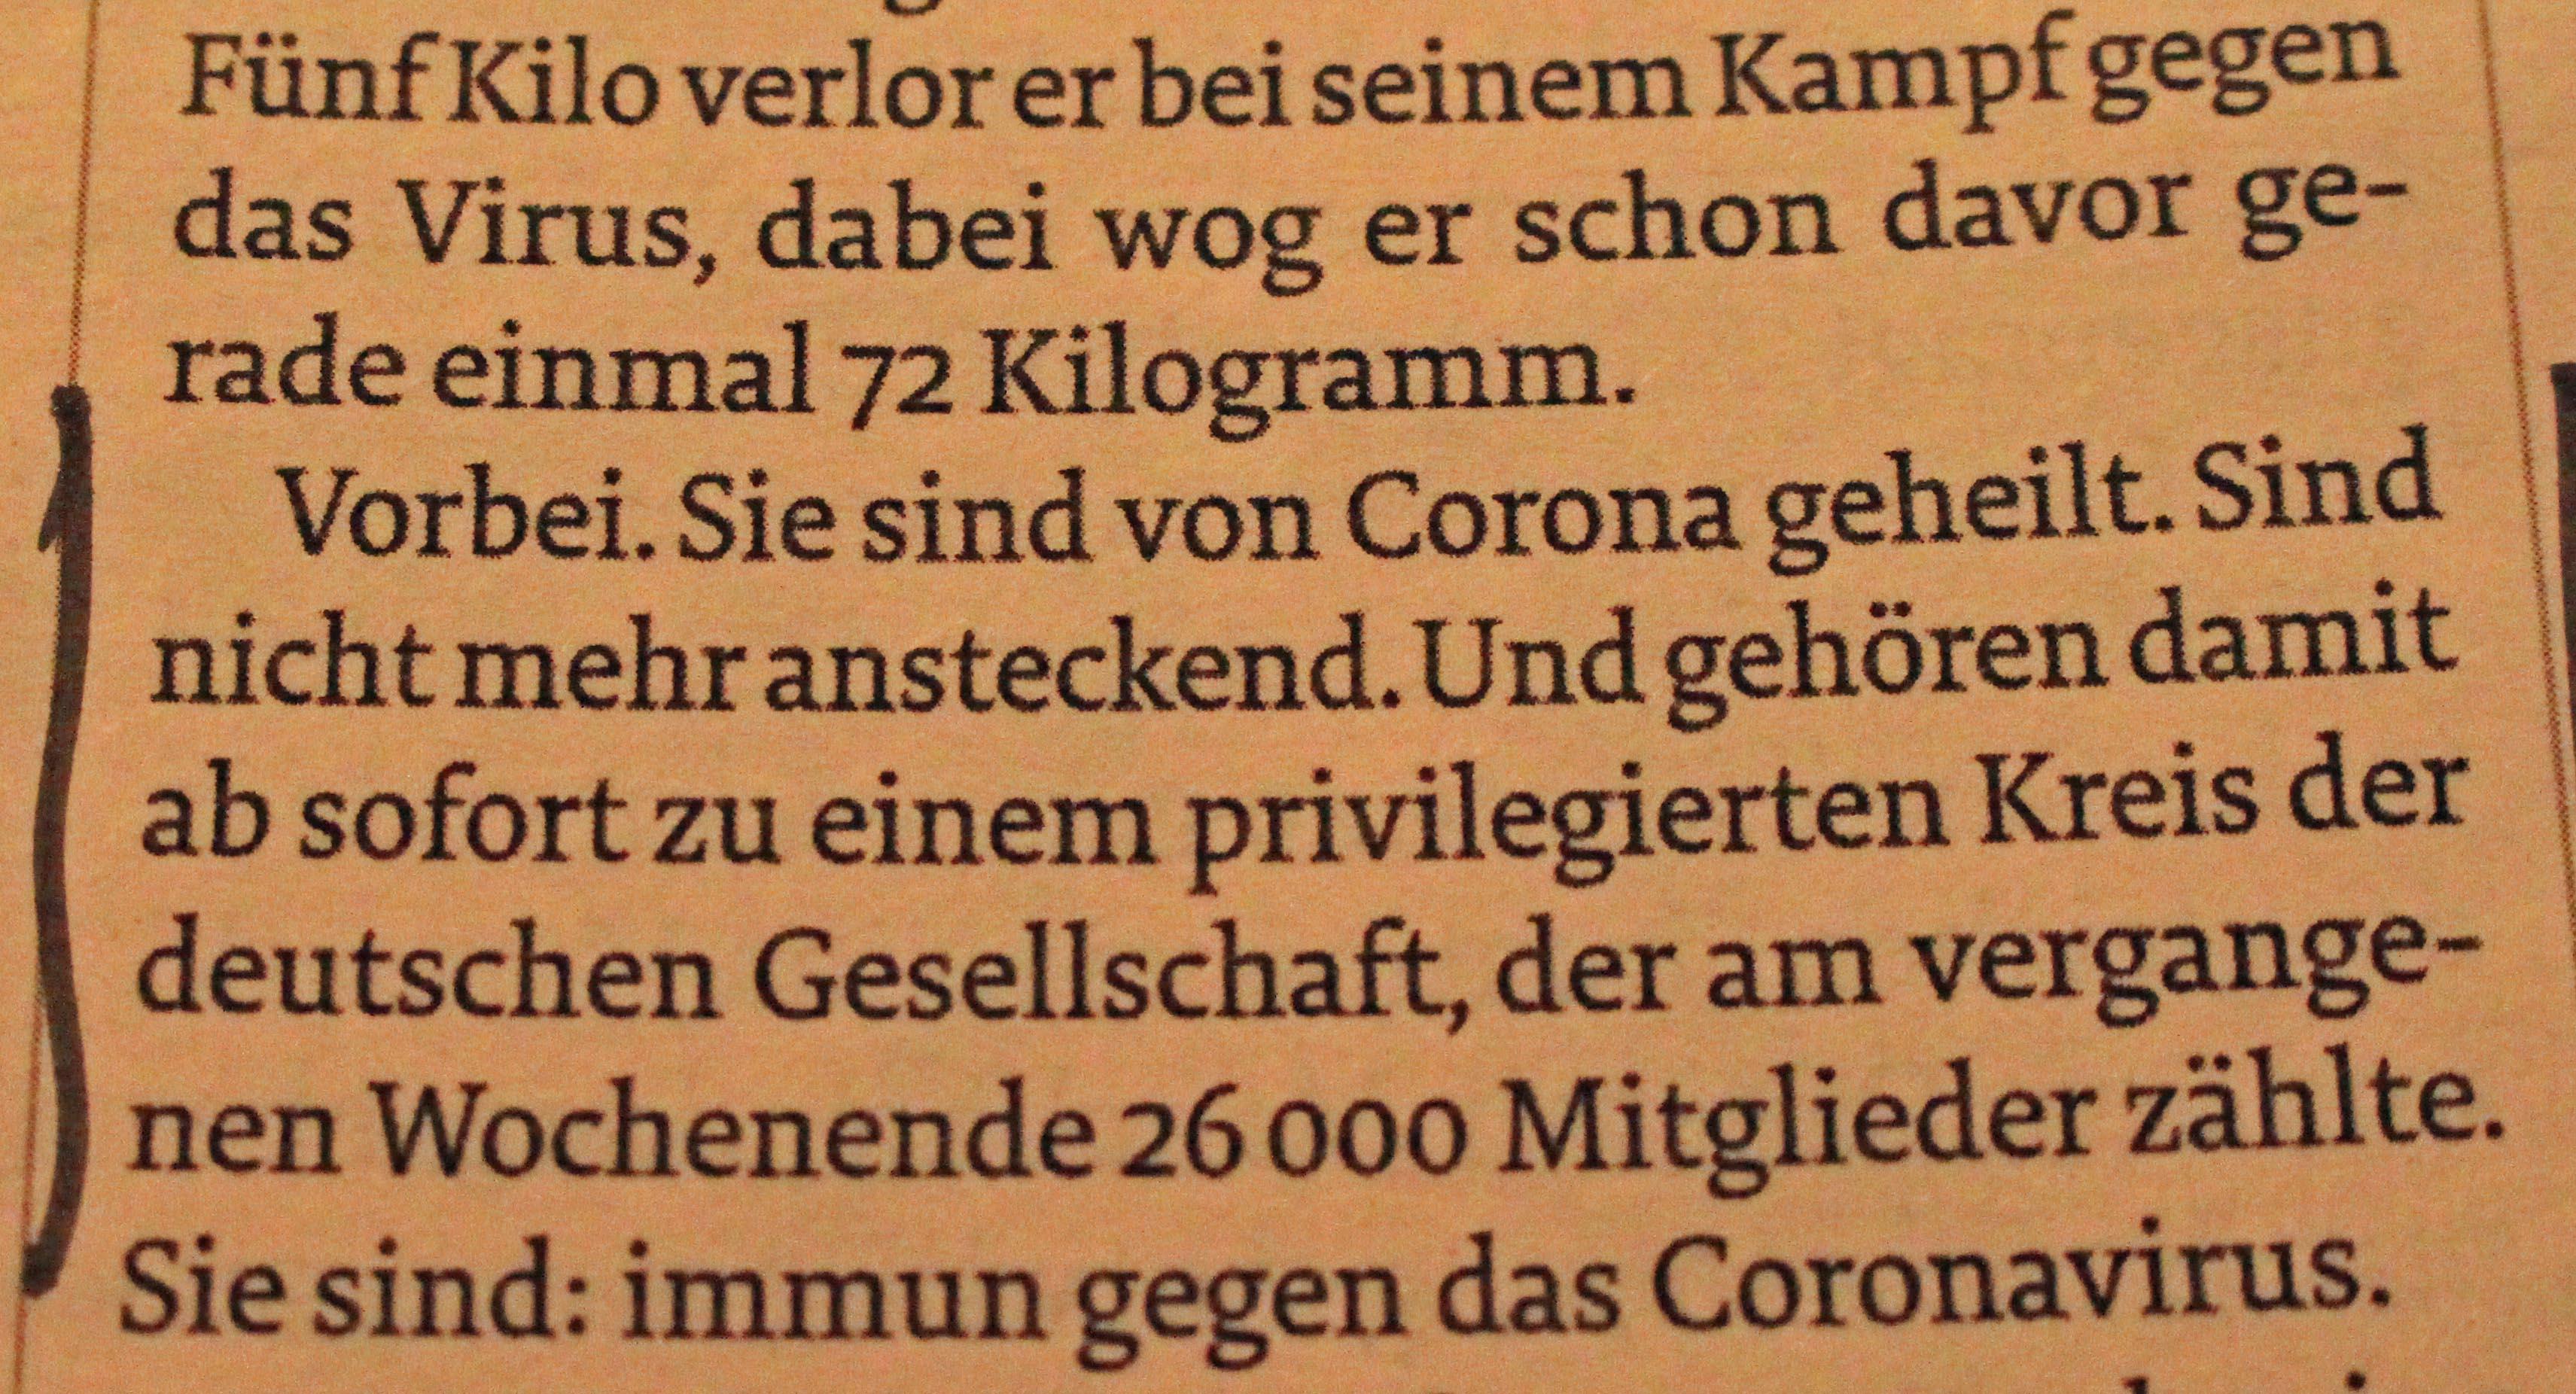 """Ausschnitt aus dem """"Stern"""", der über Corona-Genesene behauptet, sie seien immun."""